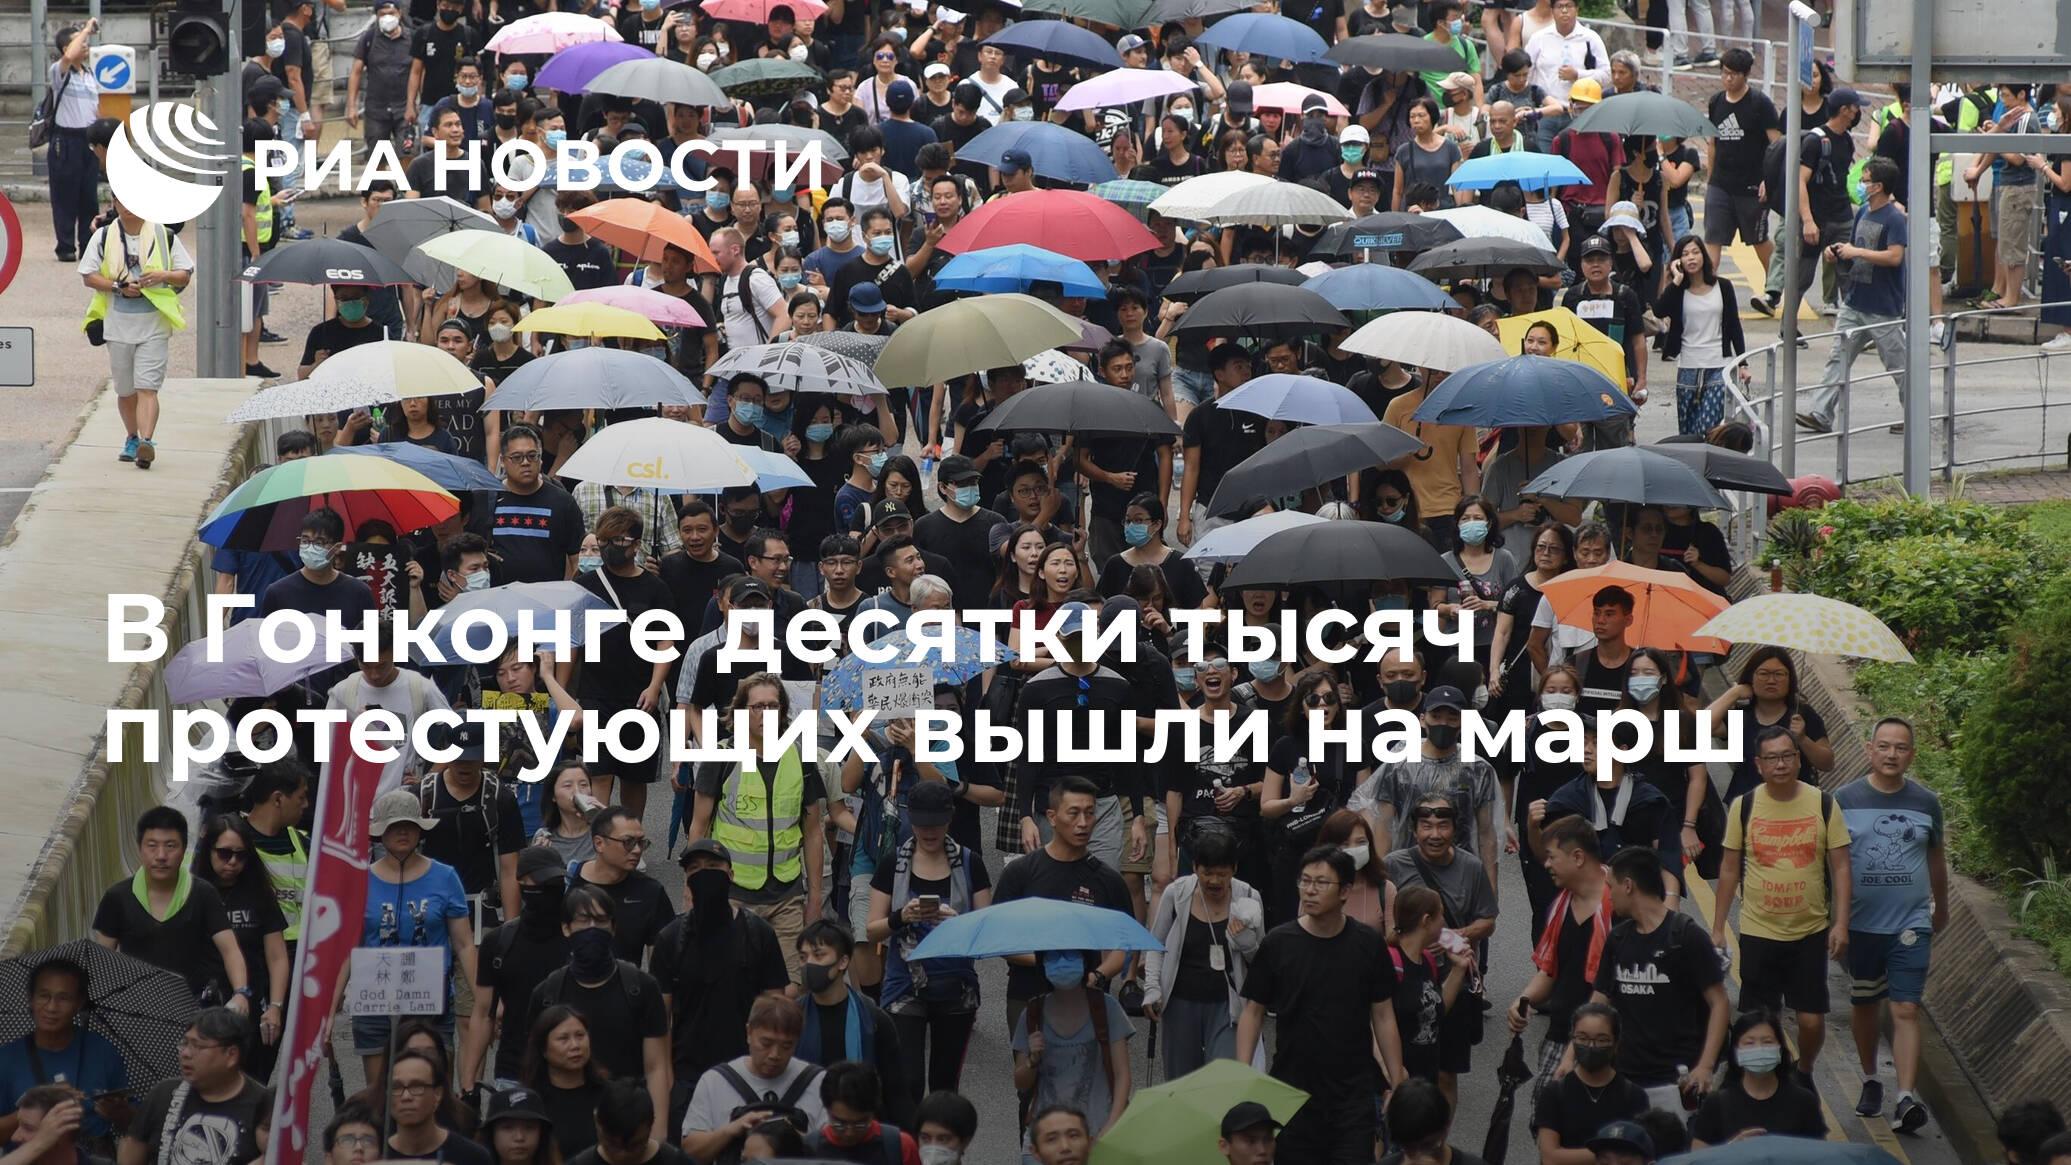 В Гонконге десятки тысяч протестующих вышли на марш - РИА ...